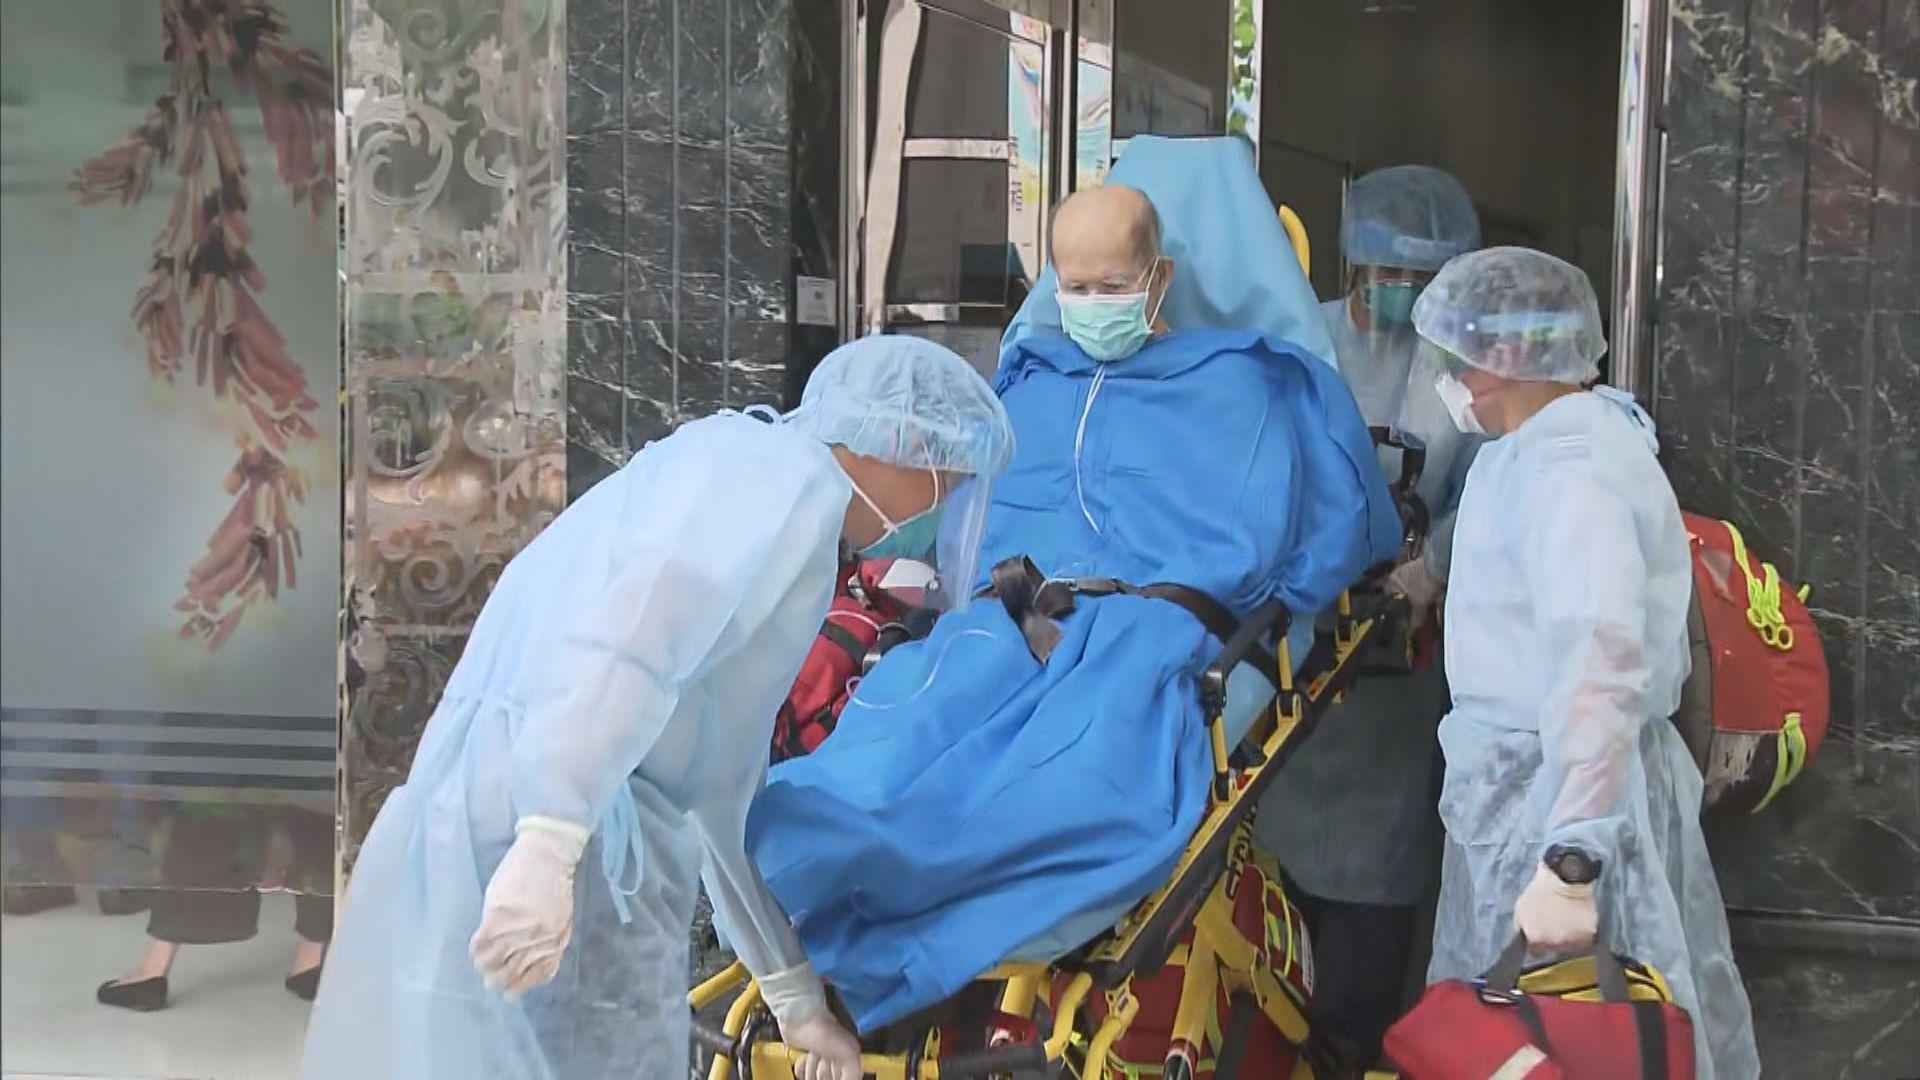 港泰護老中心爆疫情 院友及職員送檢疫中心